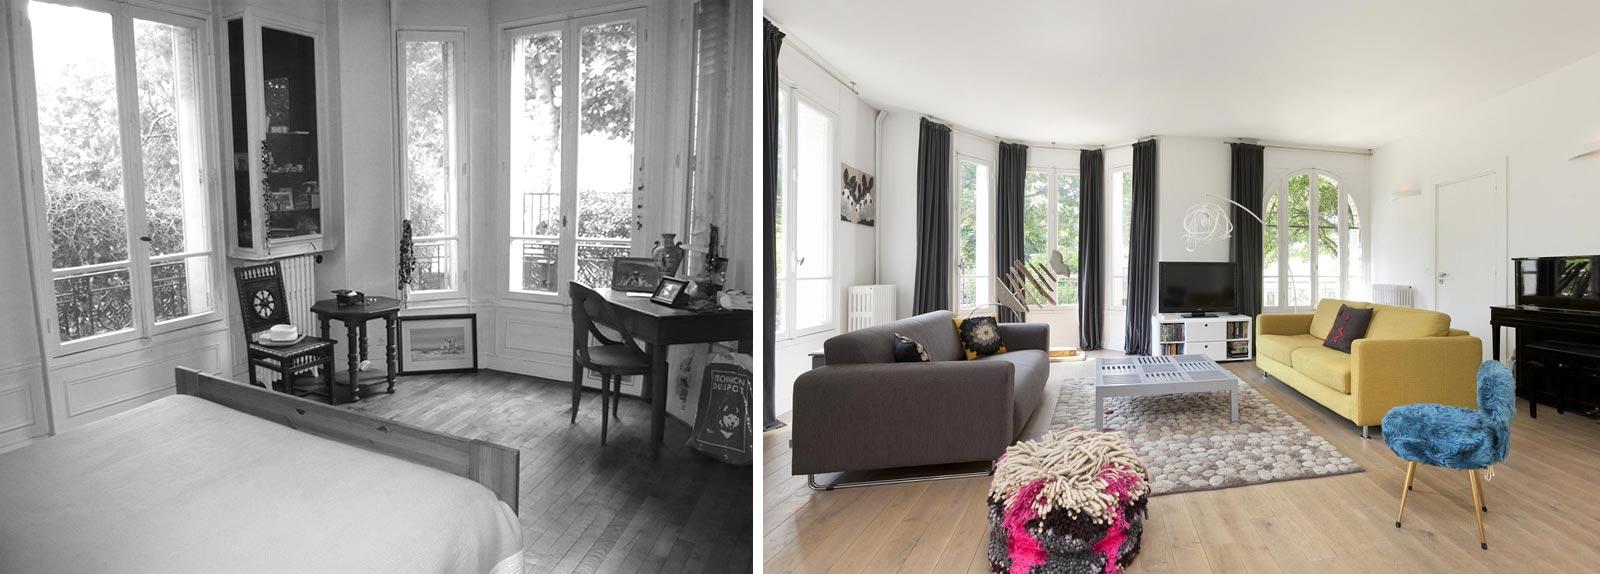 relooking d 39 int rieur d 39 une maison individuelle de 5. Black Bedroom Furniture Sets. Home Design Ideas